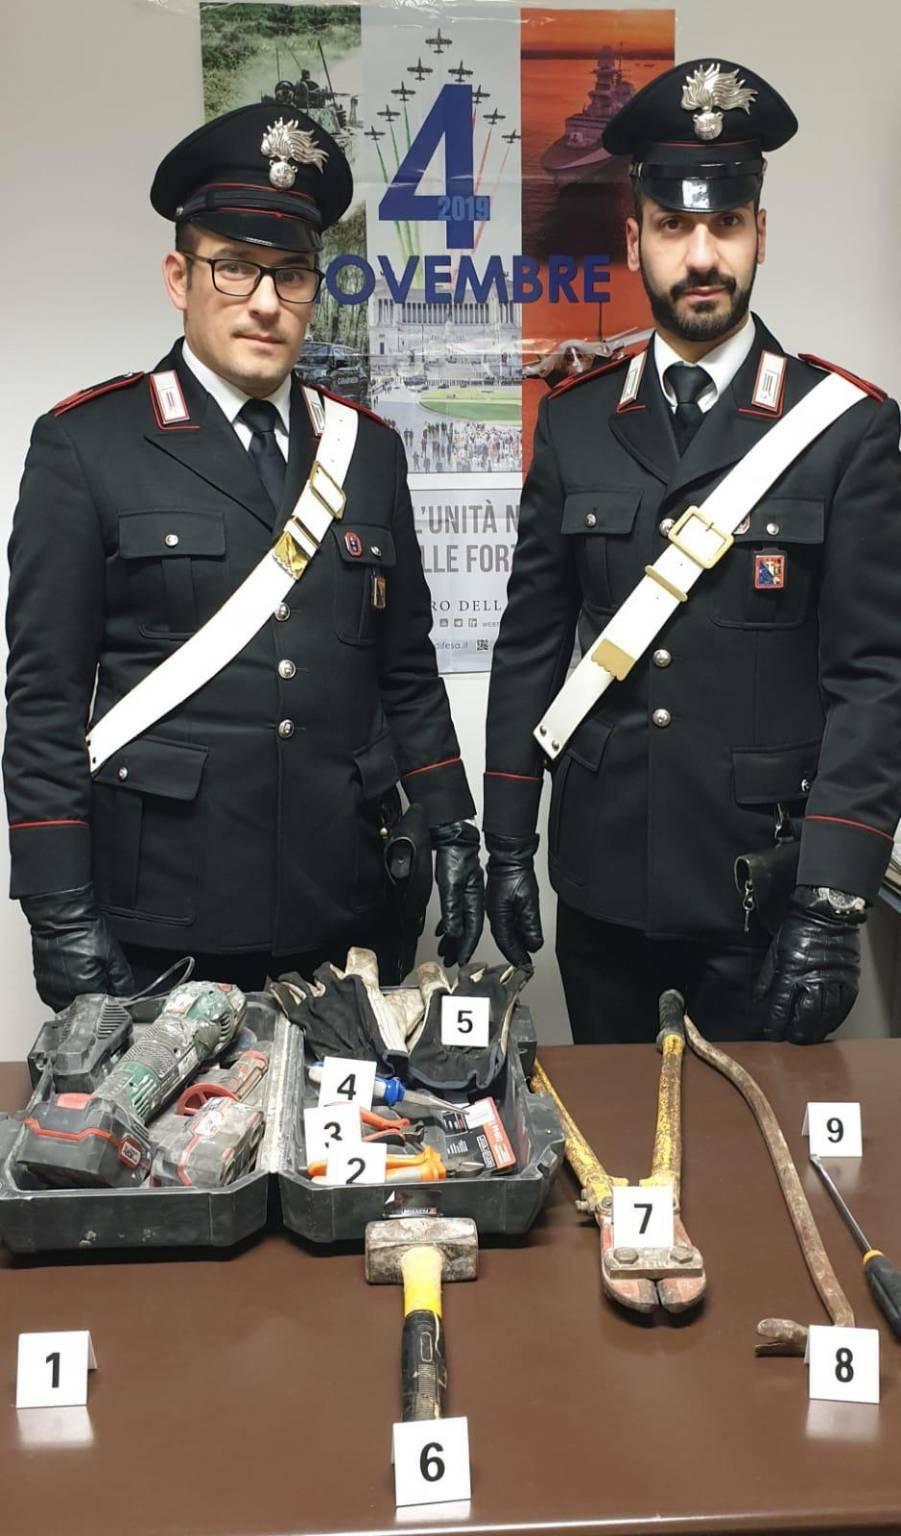 armi e attrezzi da scasso refrancore carabinieri